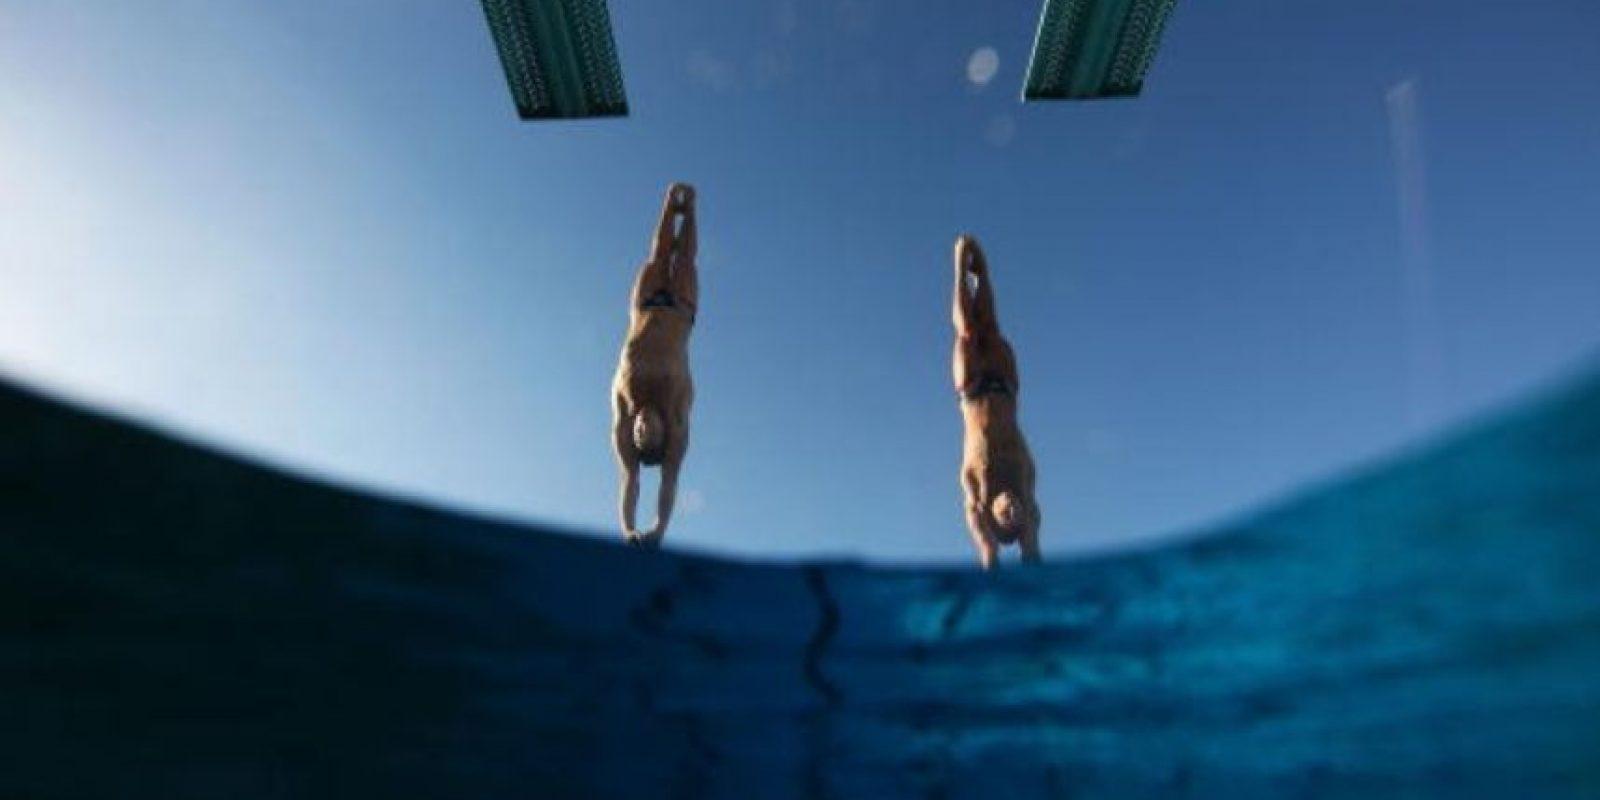 Los Juegos Olímpicos acogieron por primera vez a los saltos de trampolín como disciplina en 1904. Foto:Getty Images